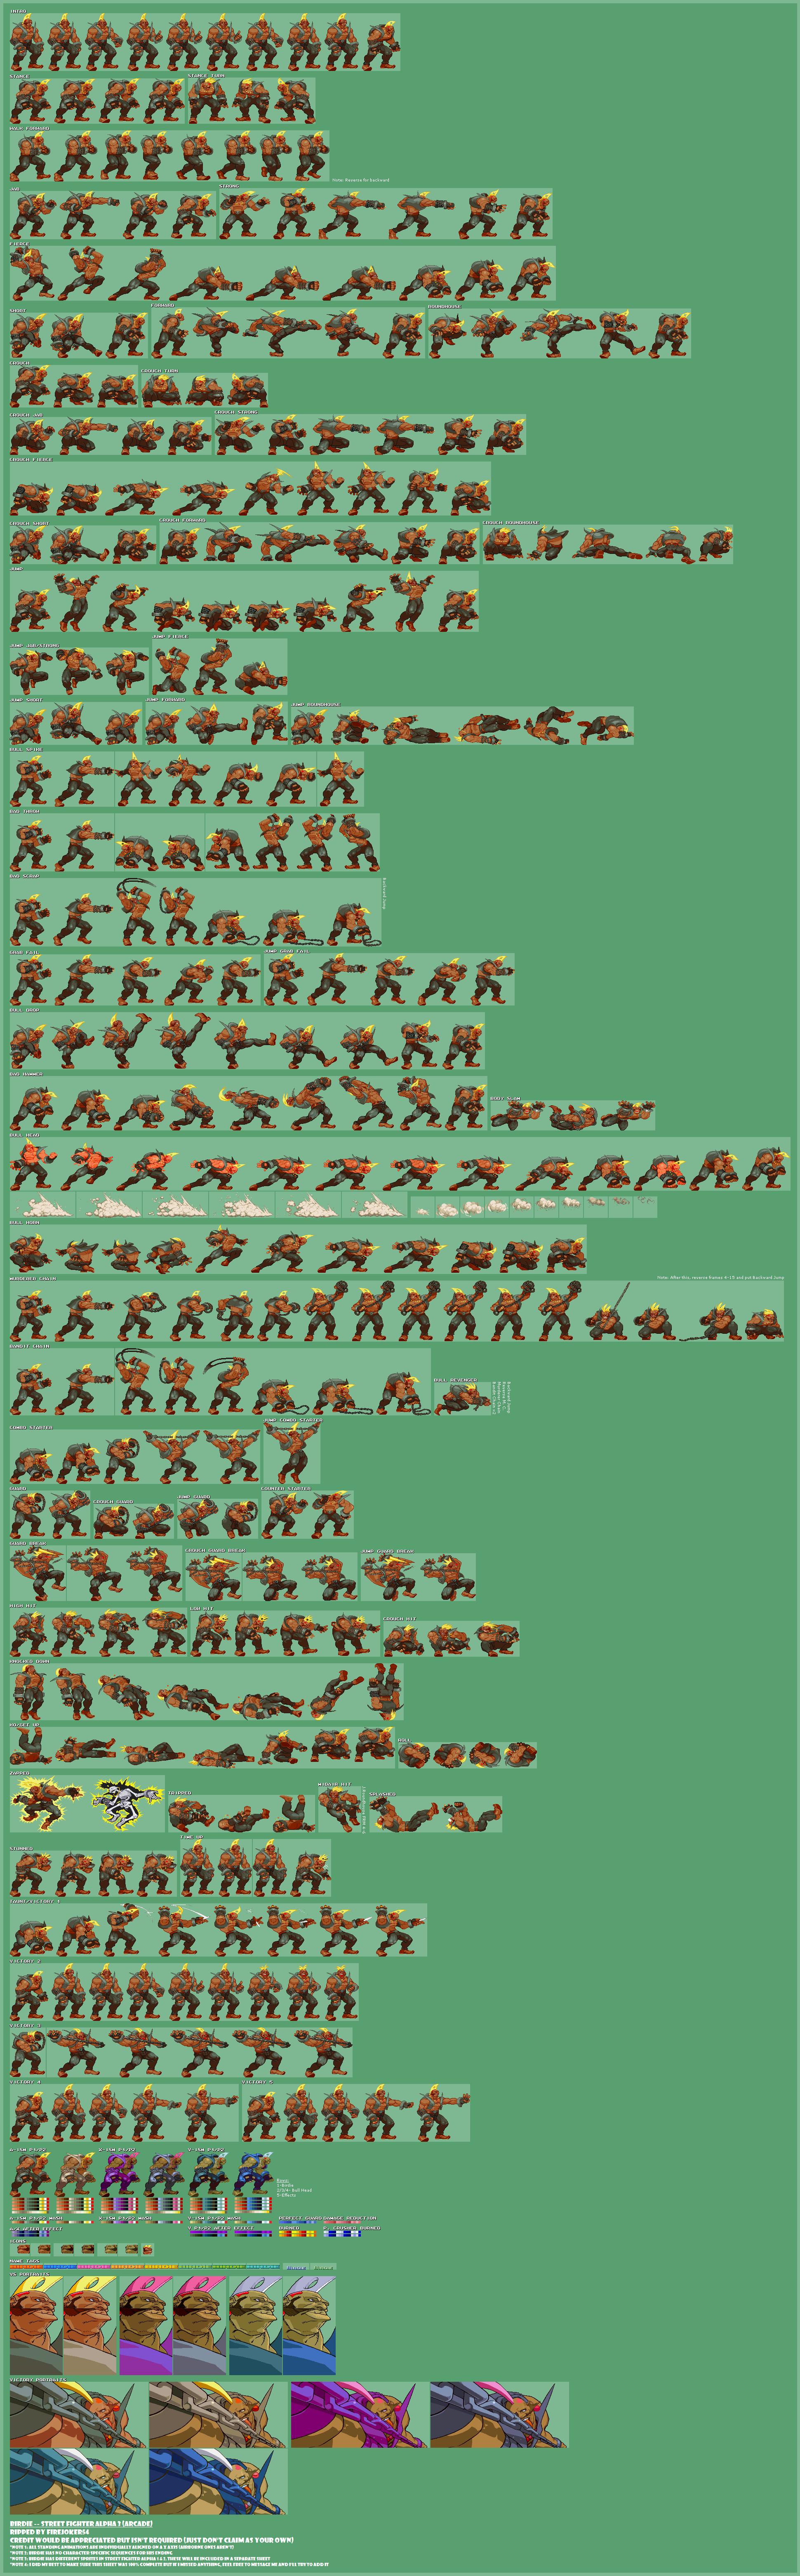 Arcade Street Fighter Alpha 3 Birdie The Spriters Resource